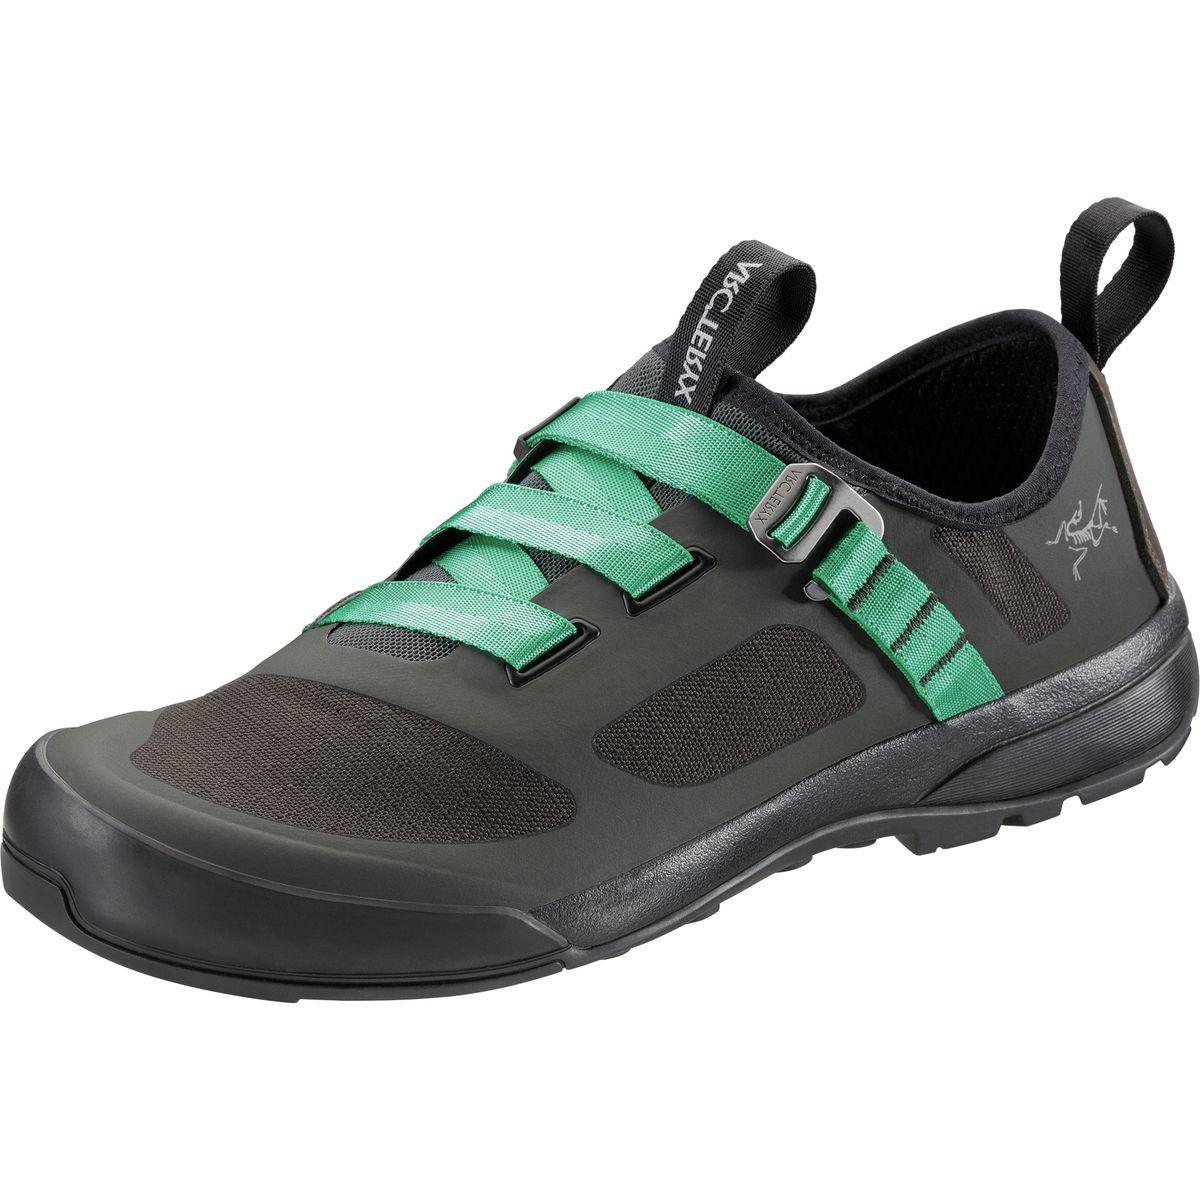 Arc'teryx Arakys Approach Shoe - Women's